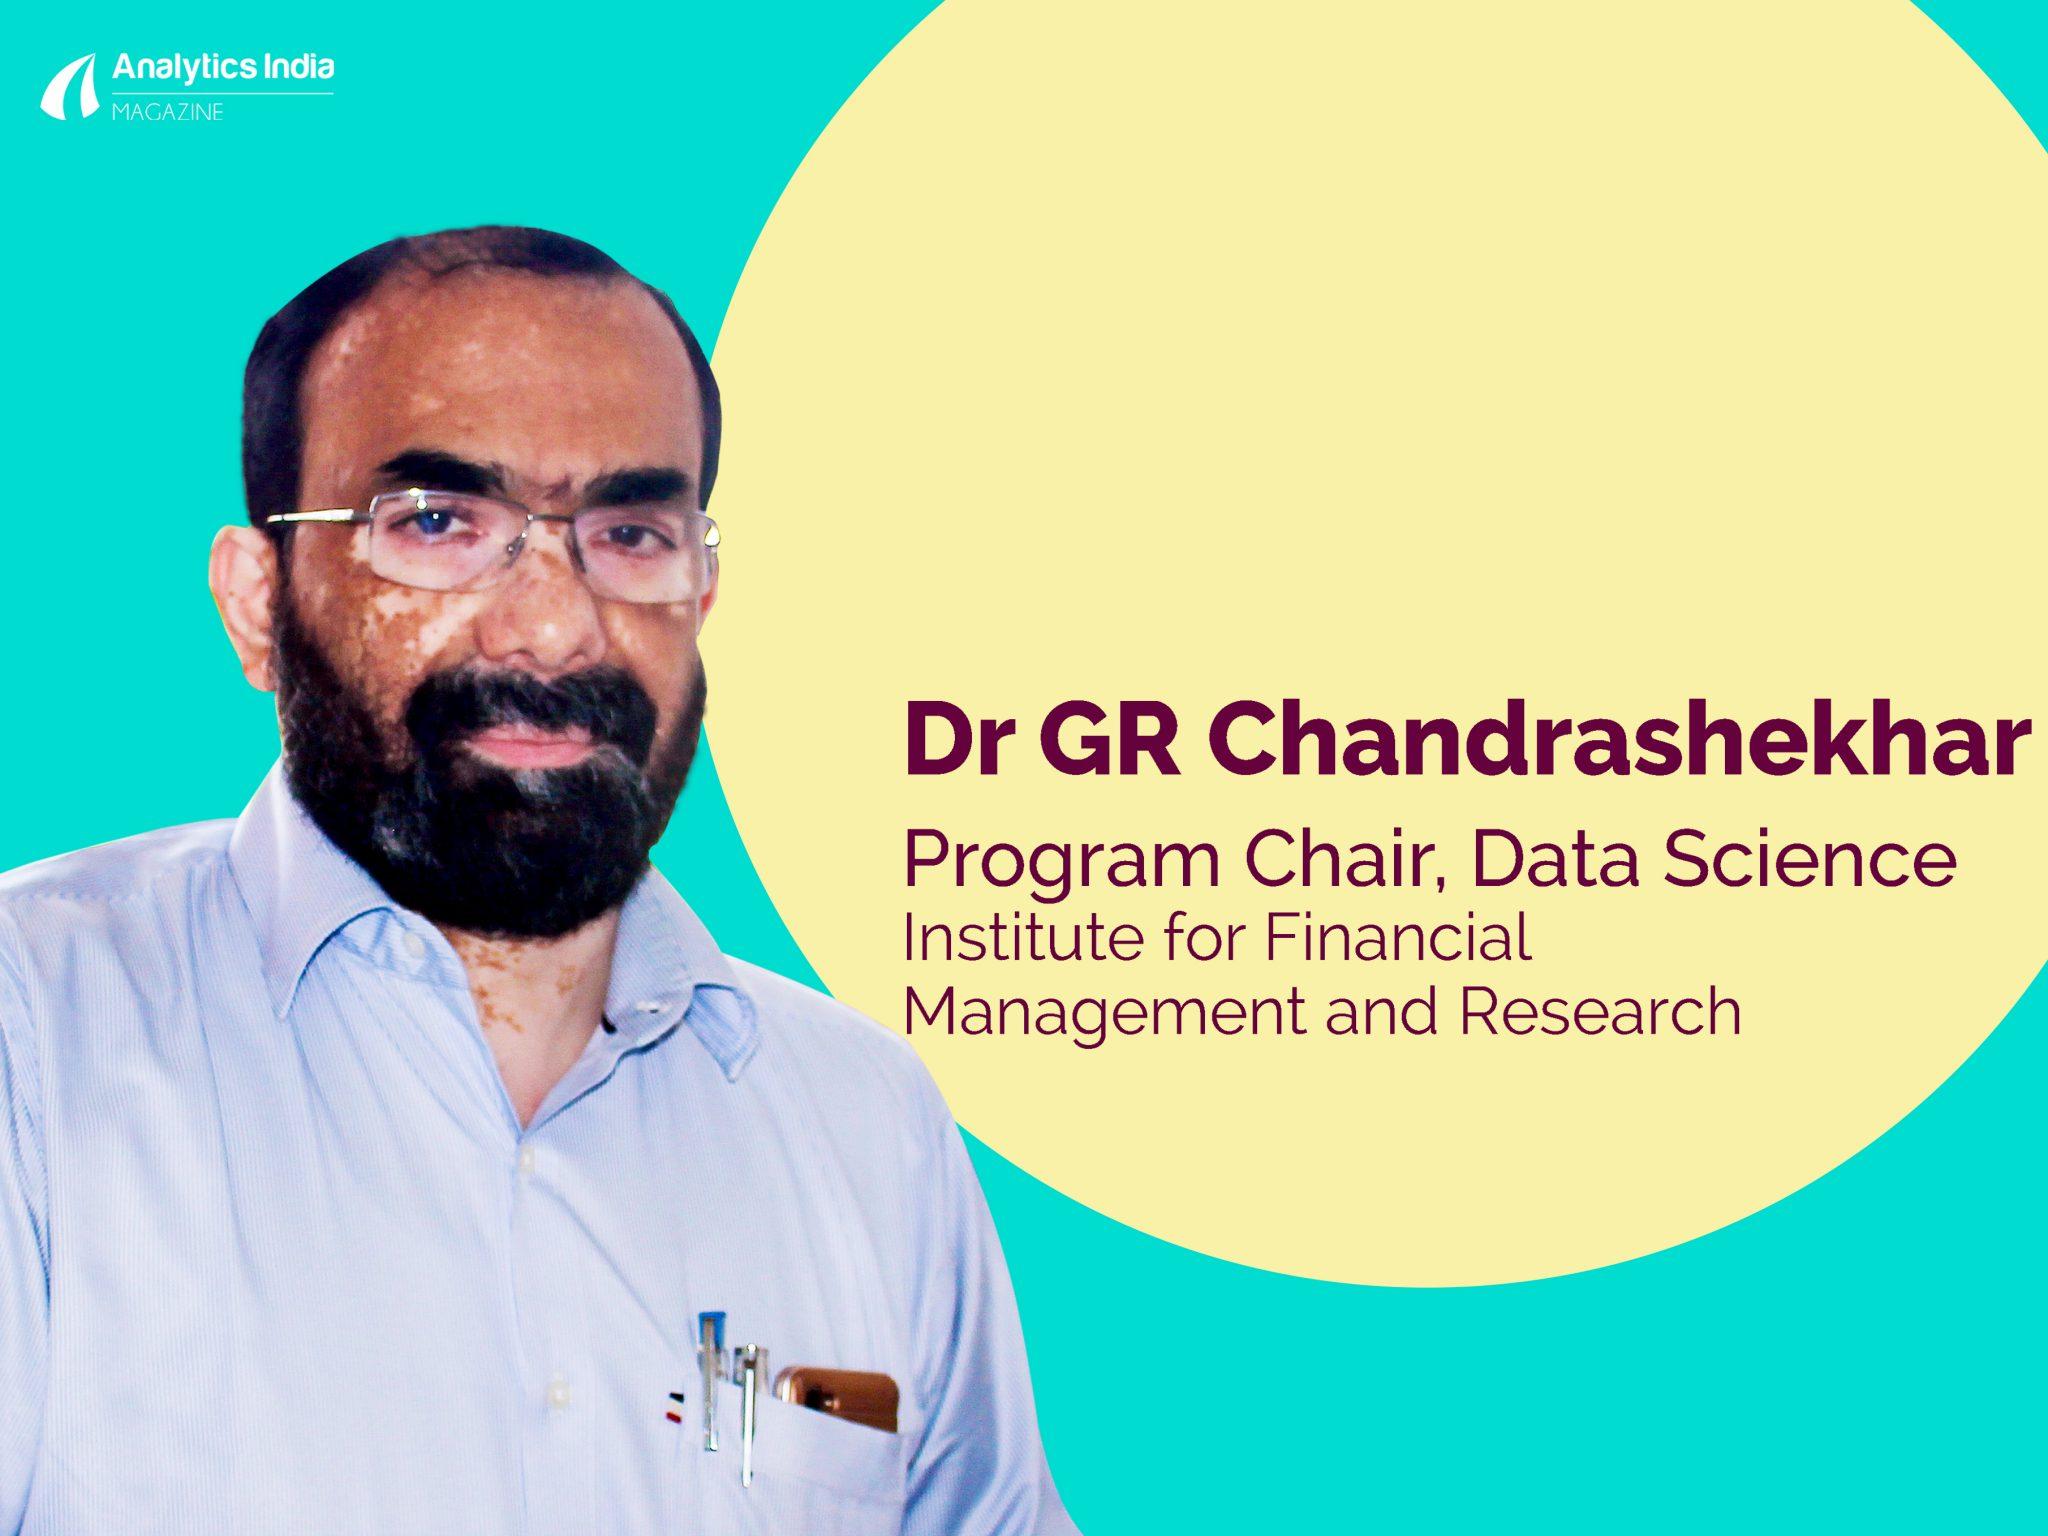 IFMR Program Chair Dr GR Chandrashekhar